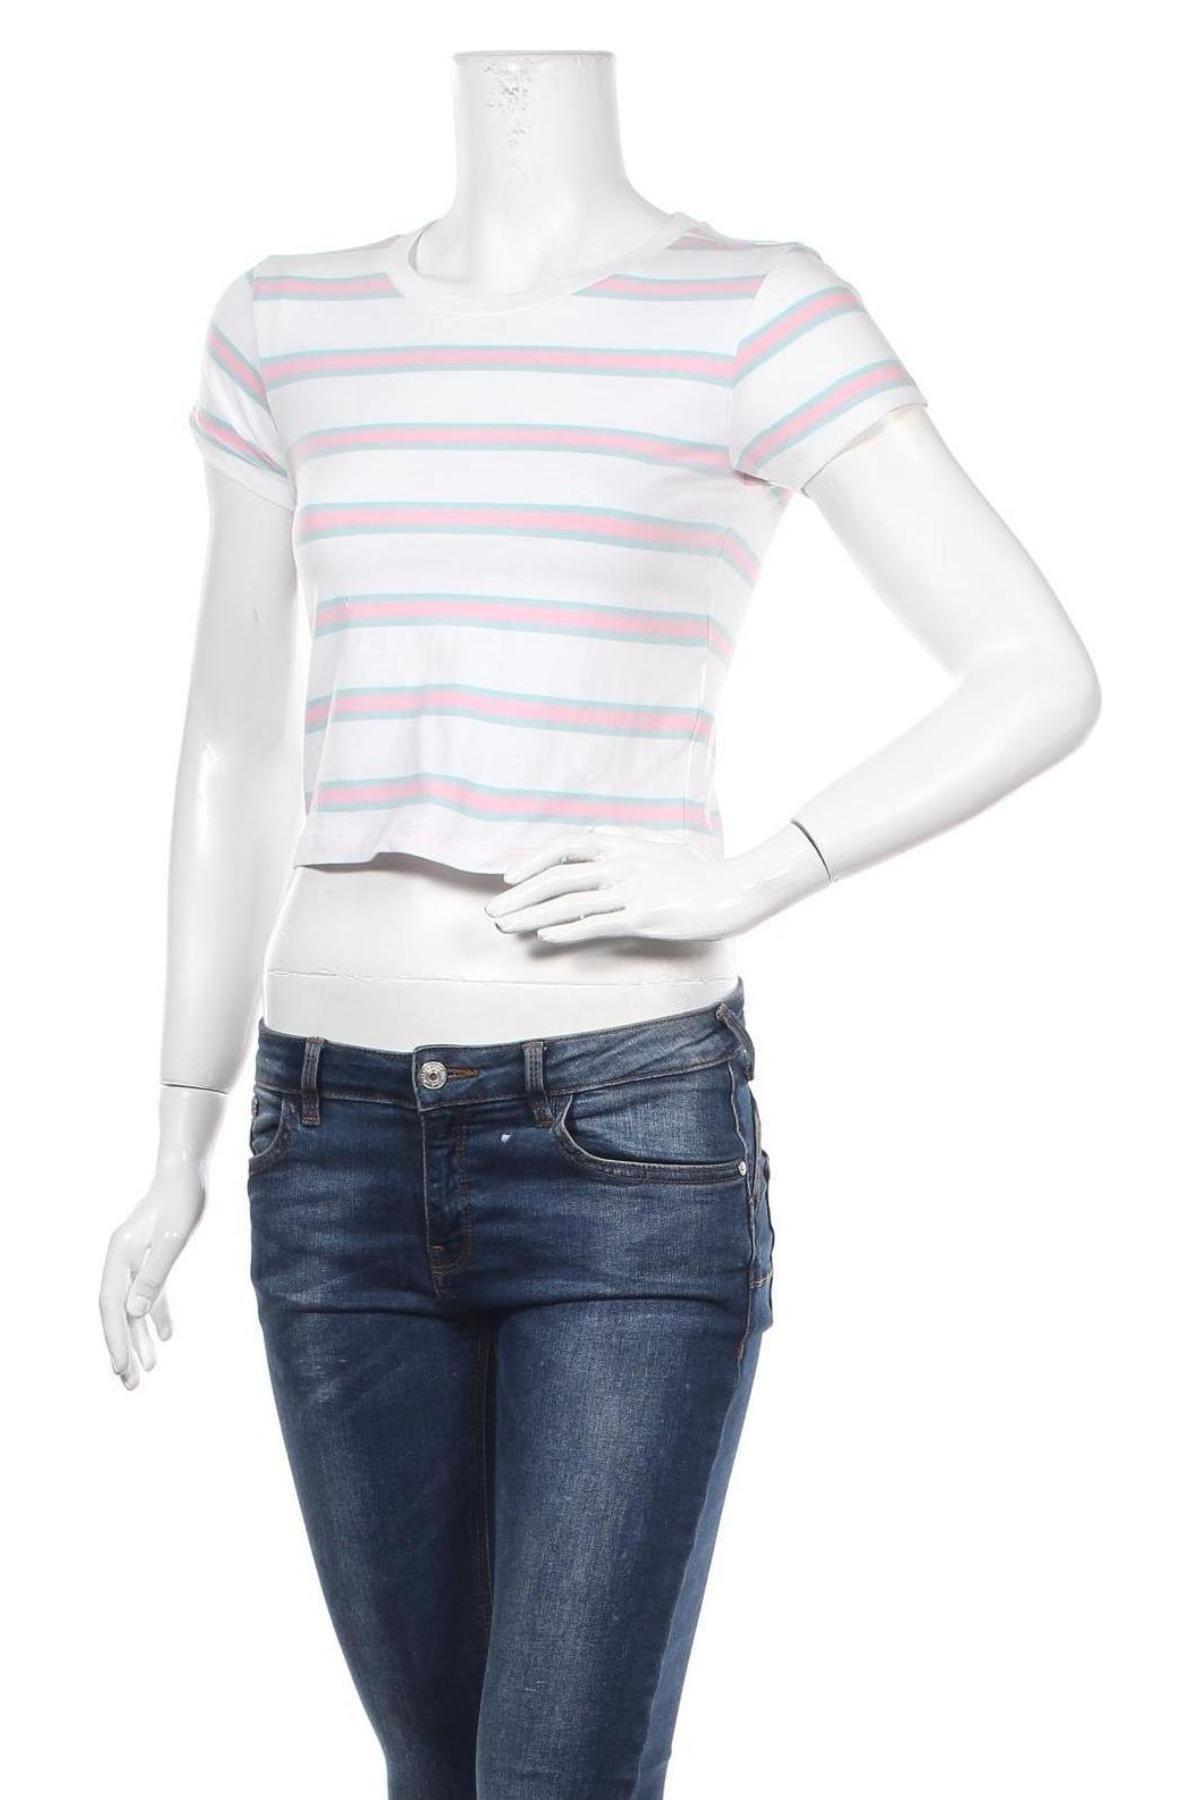 Дамска тениска Urban Classics, Размер S, Цвят Бял, 95% памук, 5% еластан, Цена 21,75лв.